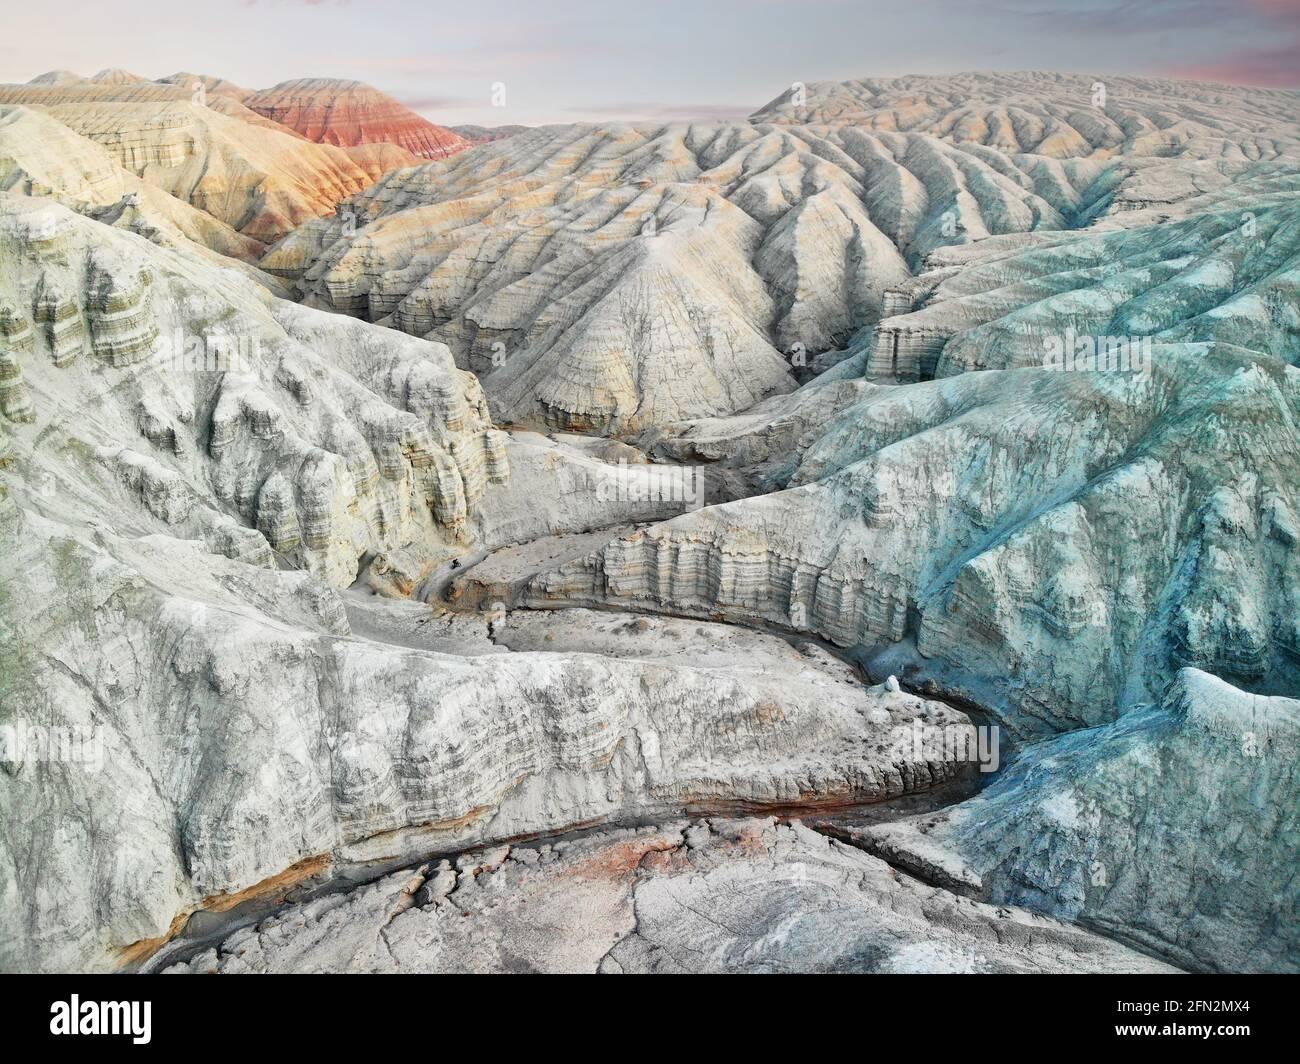 Aviones teledirigidos Paisaje de Bizarre en capas de rojo, azul y blanco montañas del desierto con cañón en el hermoso parque nacional Altyn Emel en Kazakhstan Foto de stock